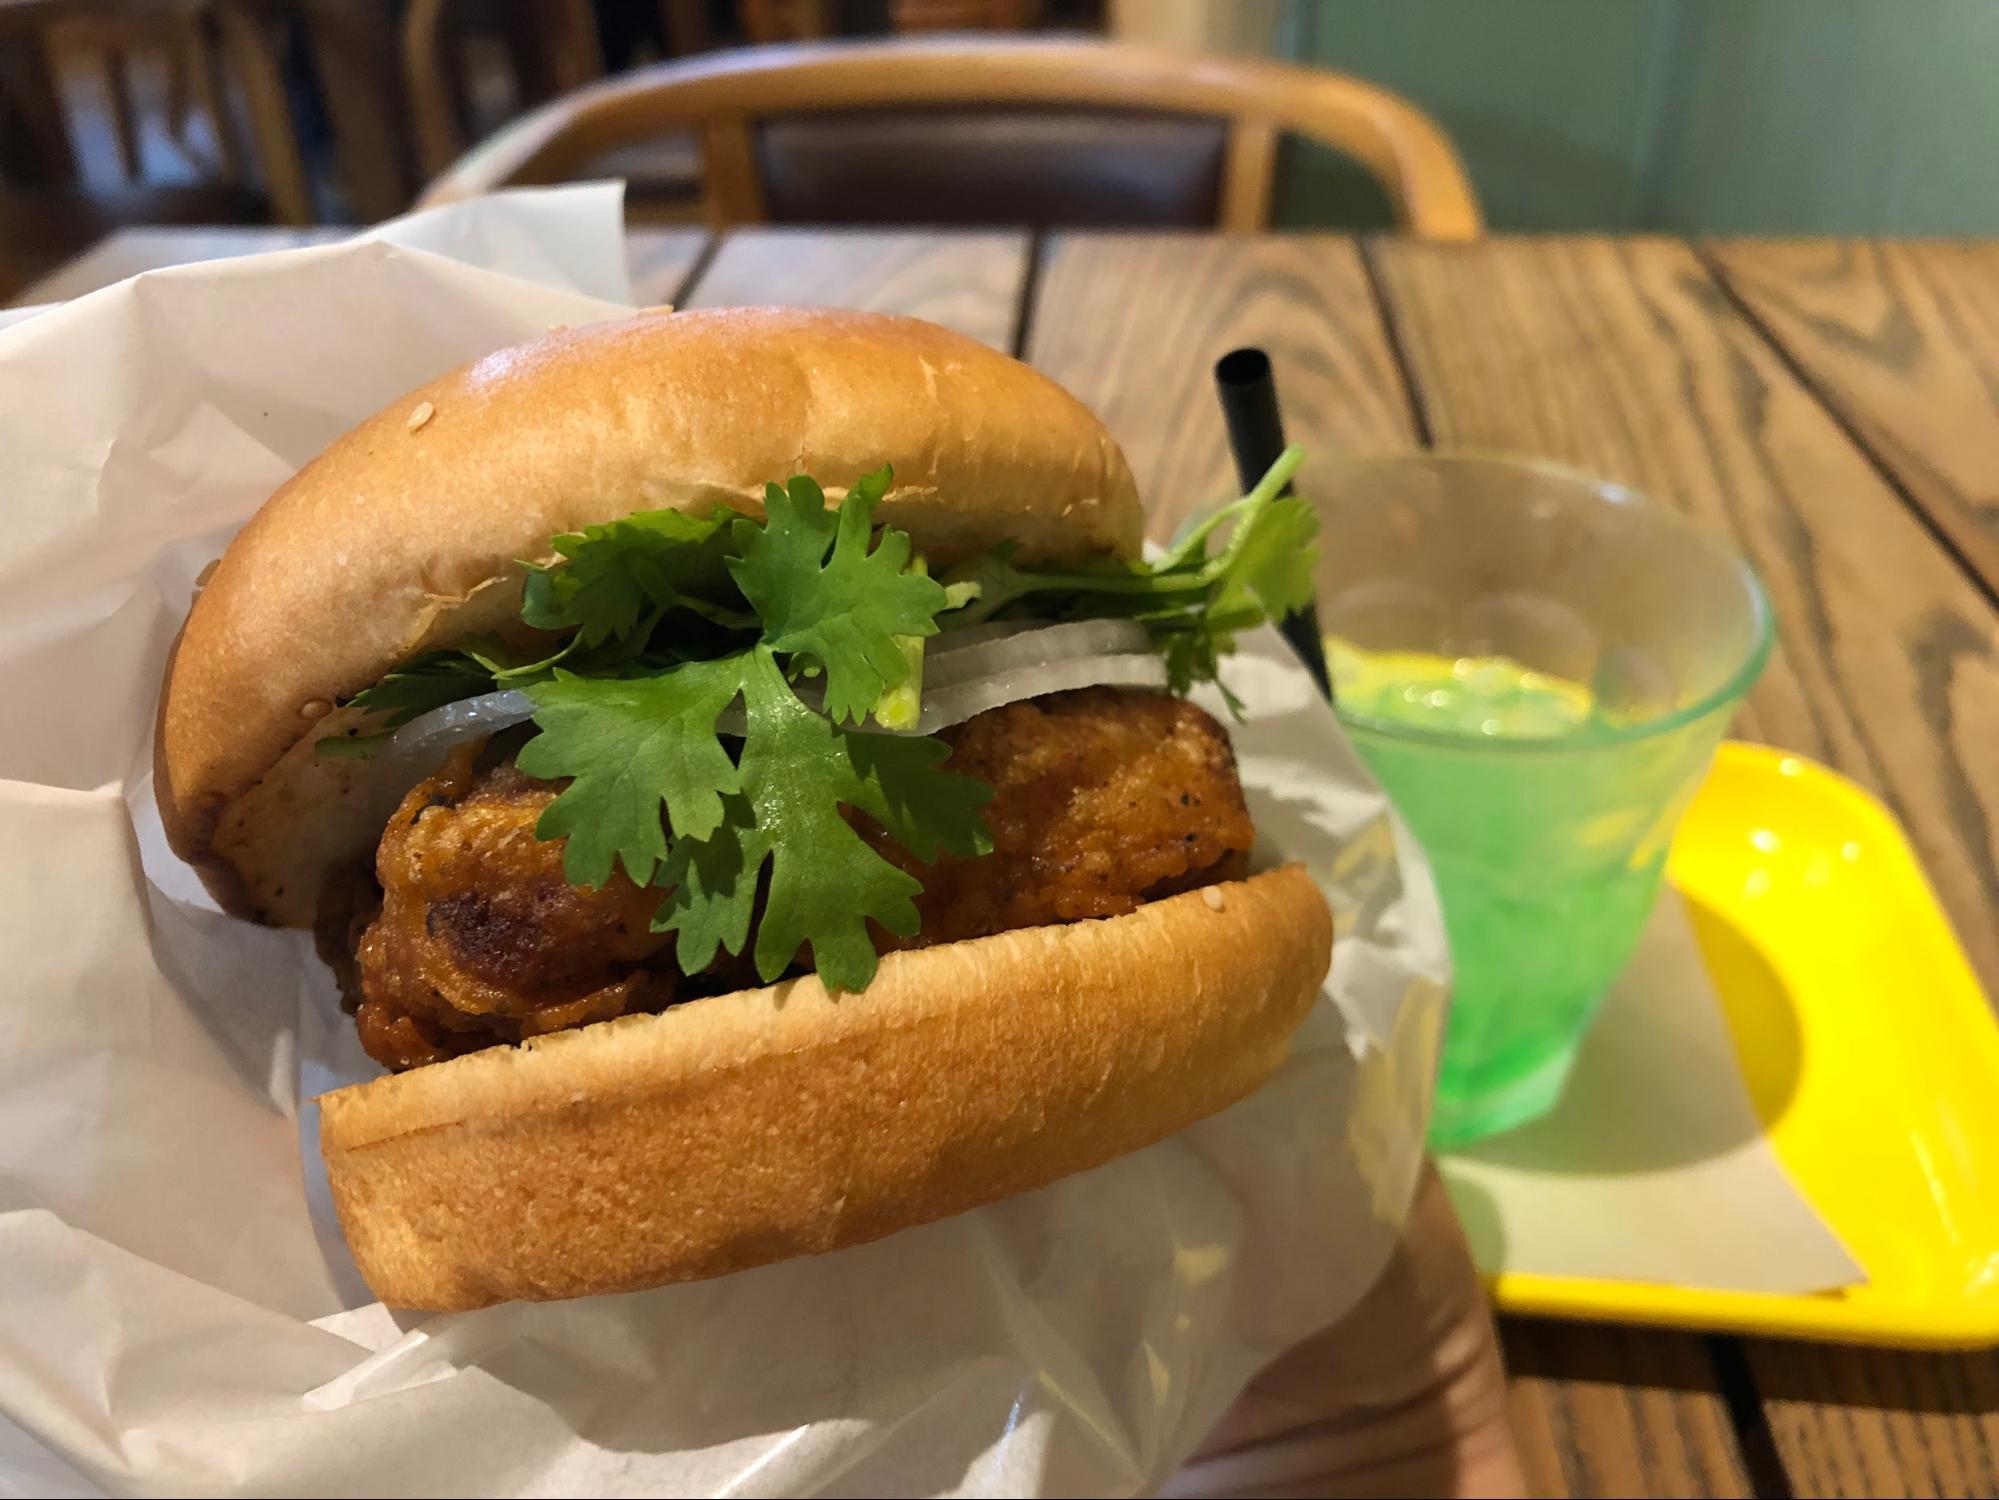 夏気分を取り戻す!「麻辣(マーラー)チキンバーガー」実食レビュー